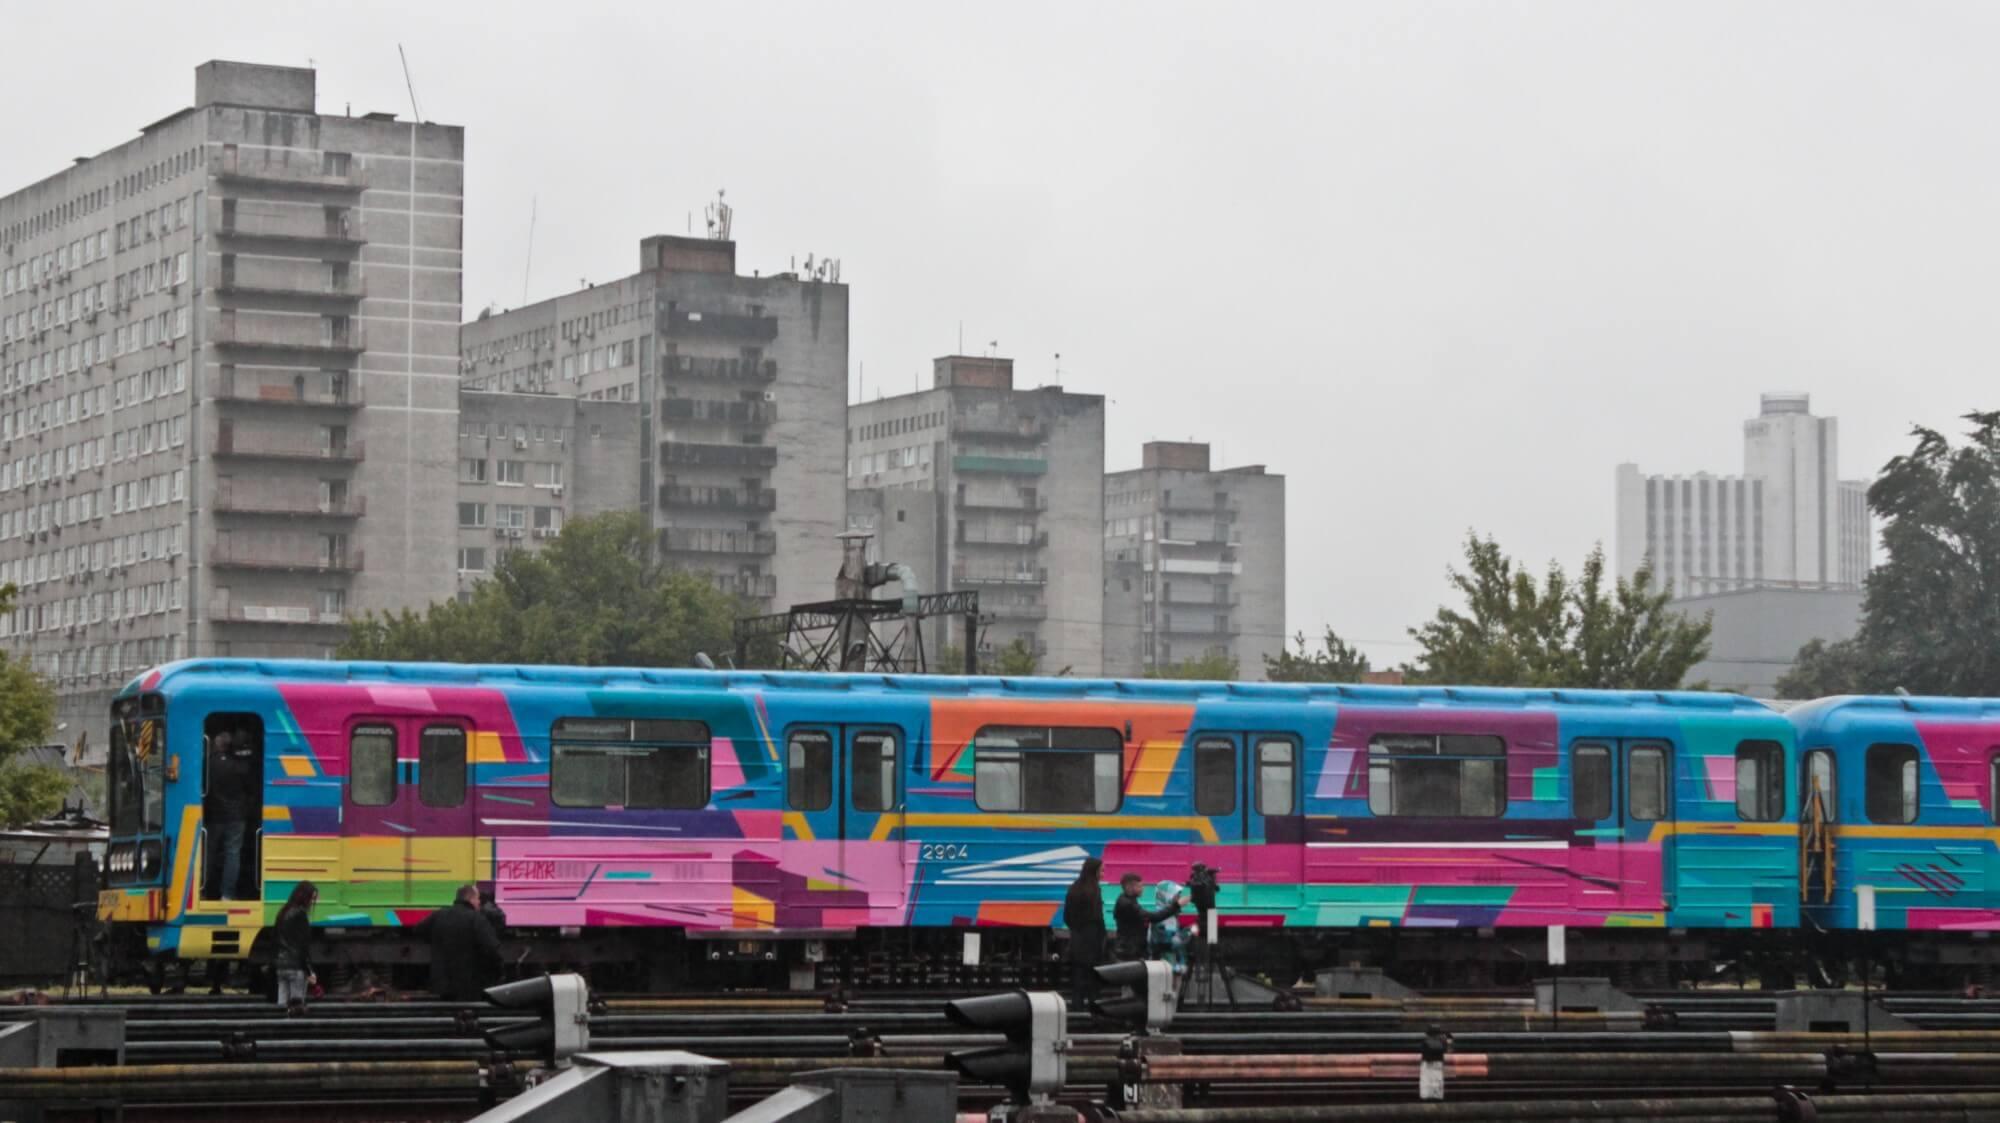 Kenor paints the metro train in Kiev, Ukraine 2016